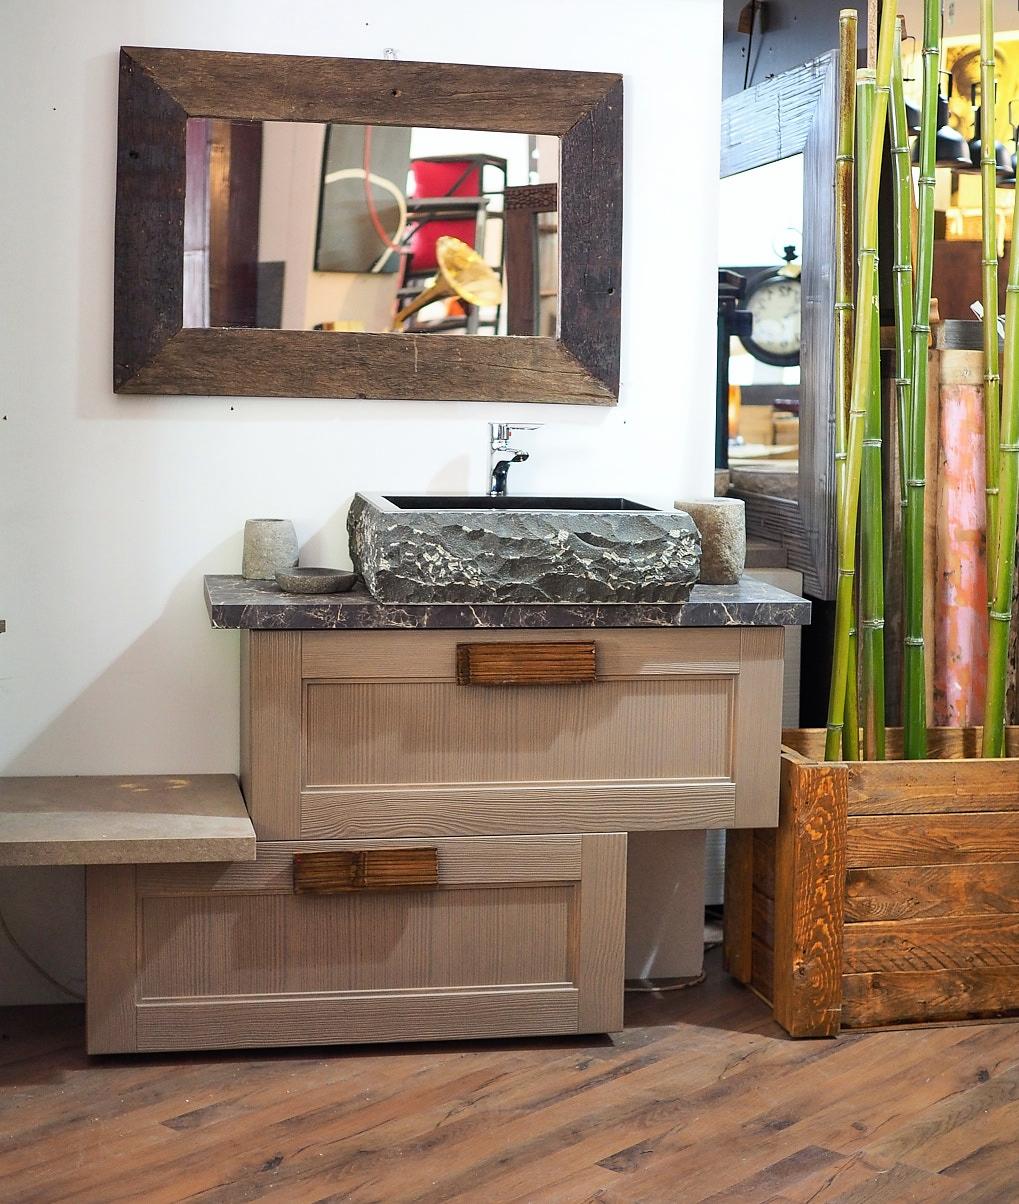 Mobile bagno essential etno in offerta compreso di specchio e lavabo arredo bagno a prezzi - Specchio d arredo ...